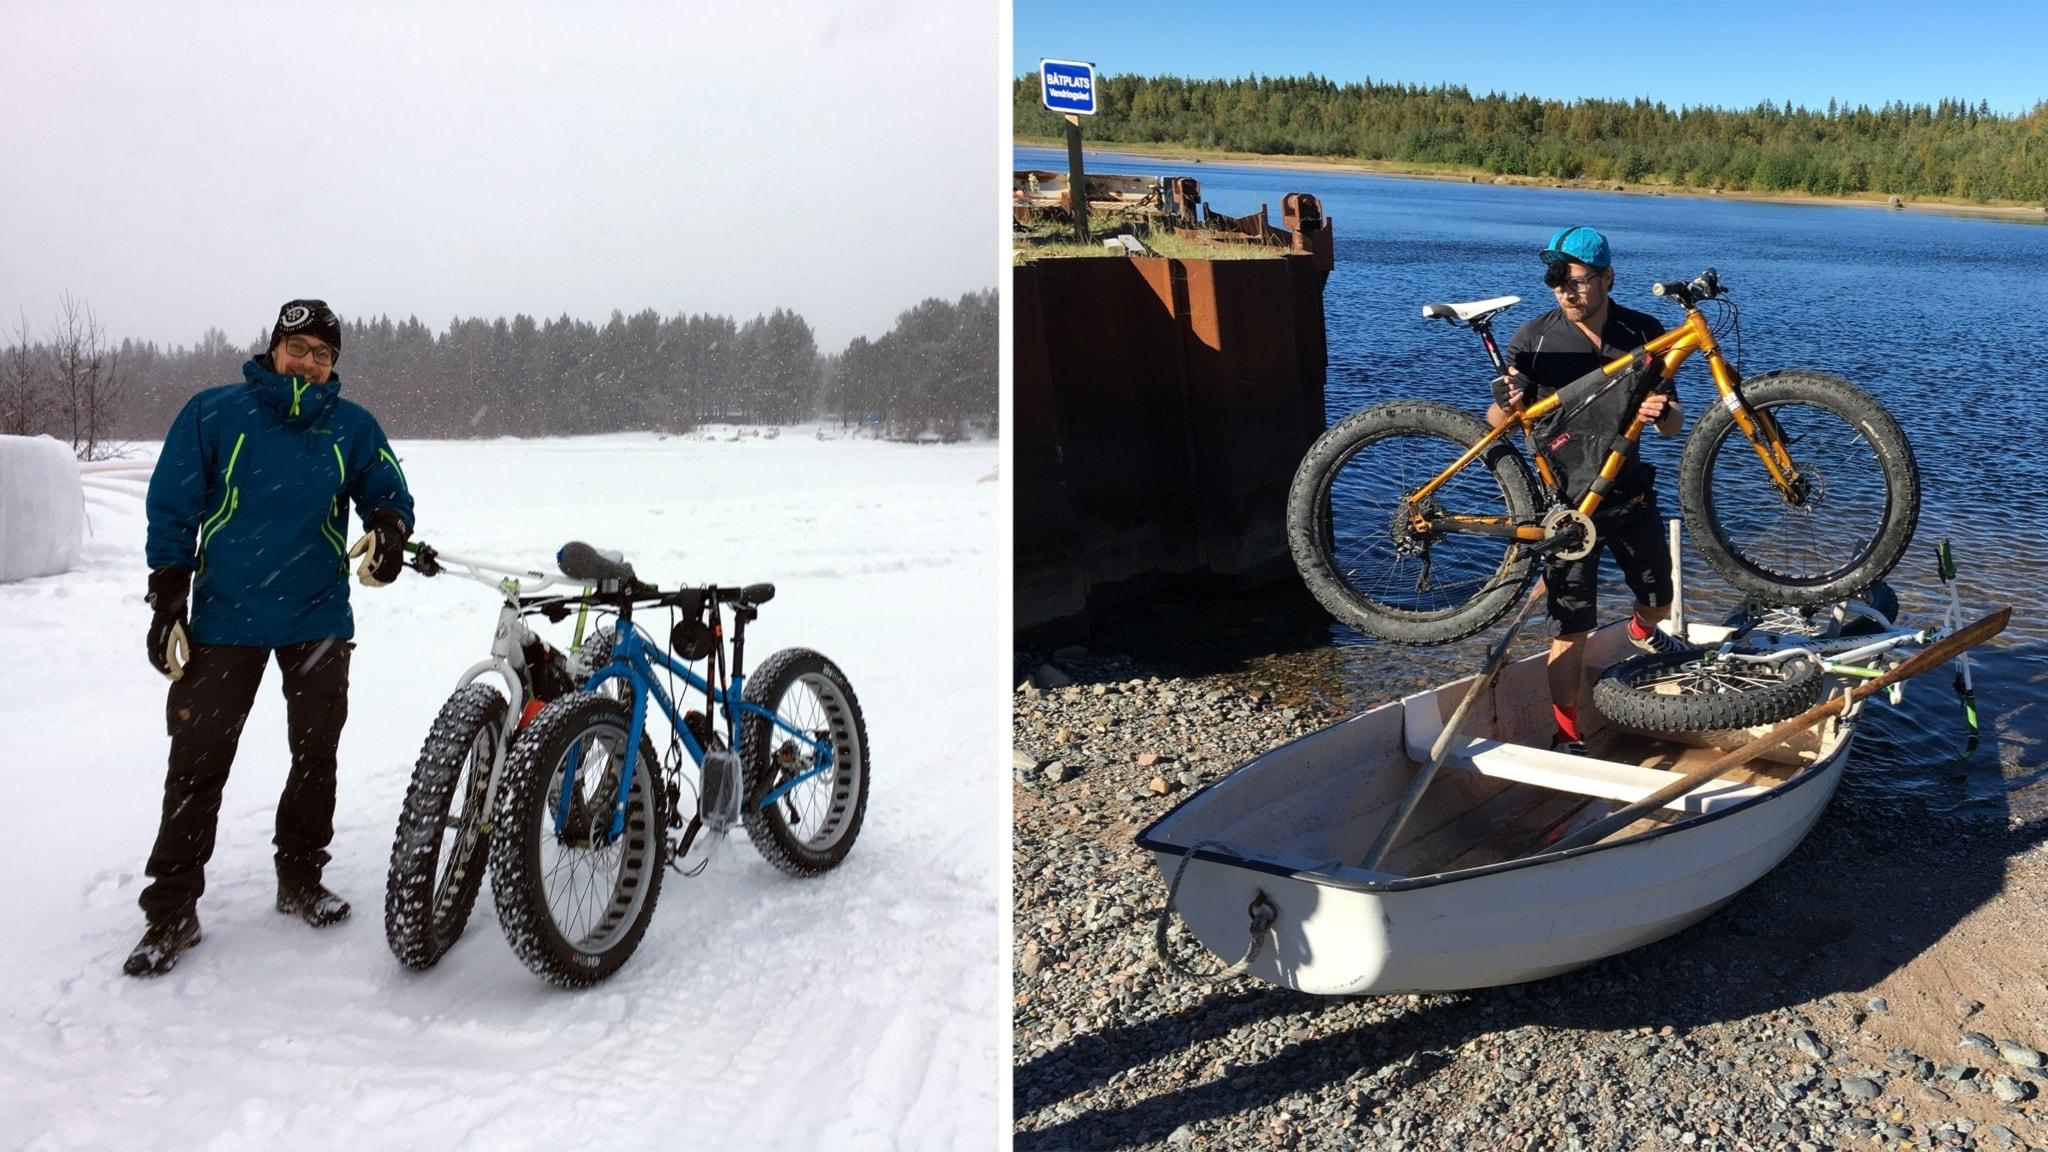 På cykel genom snö och sand - och så väljer du bränsle till köket